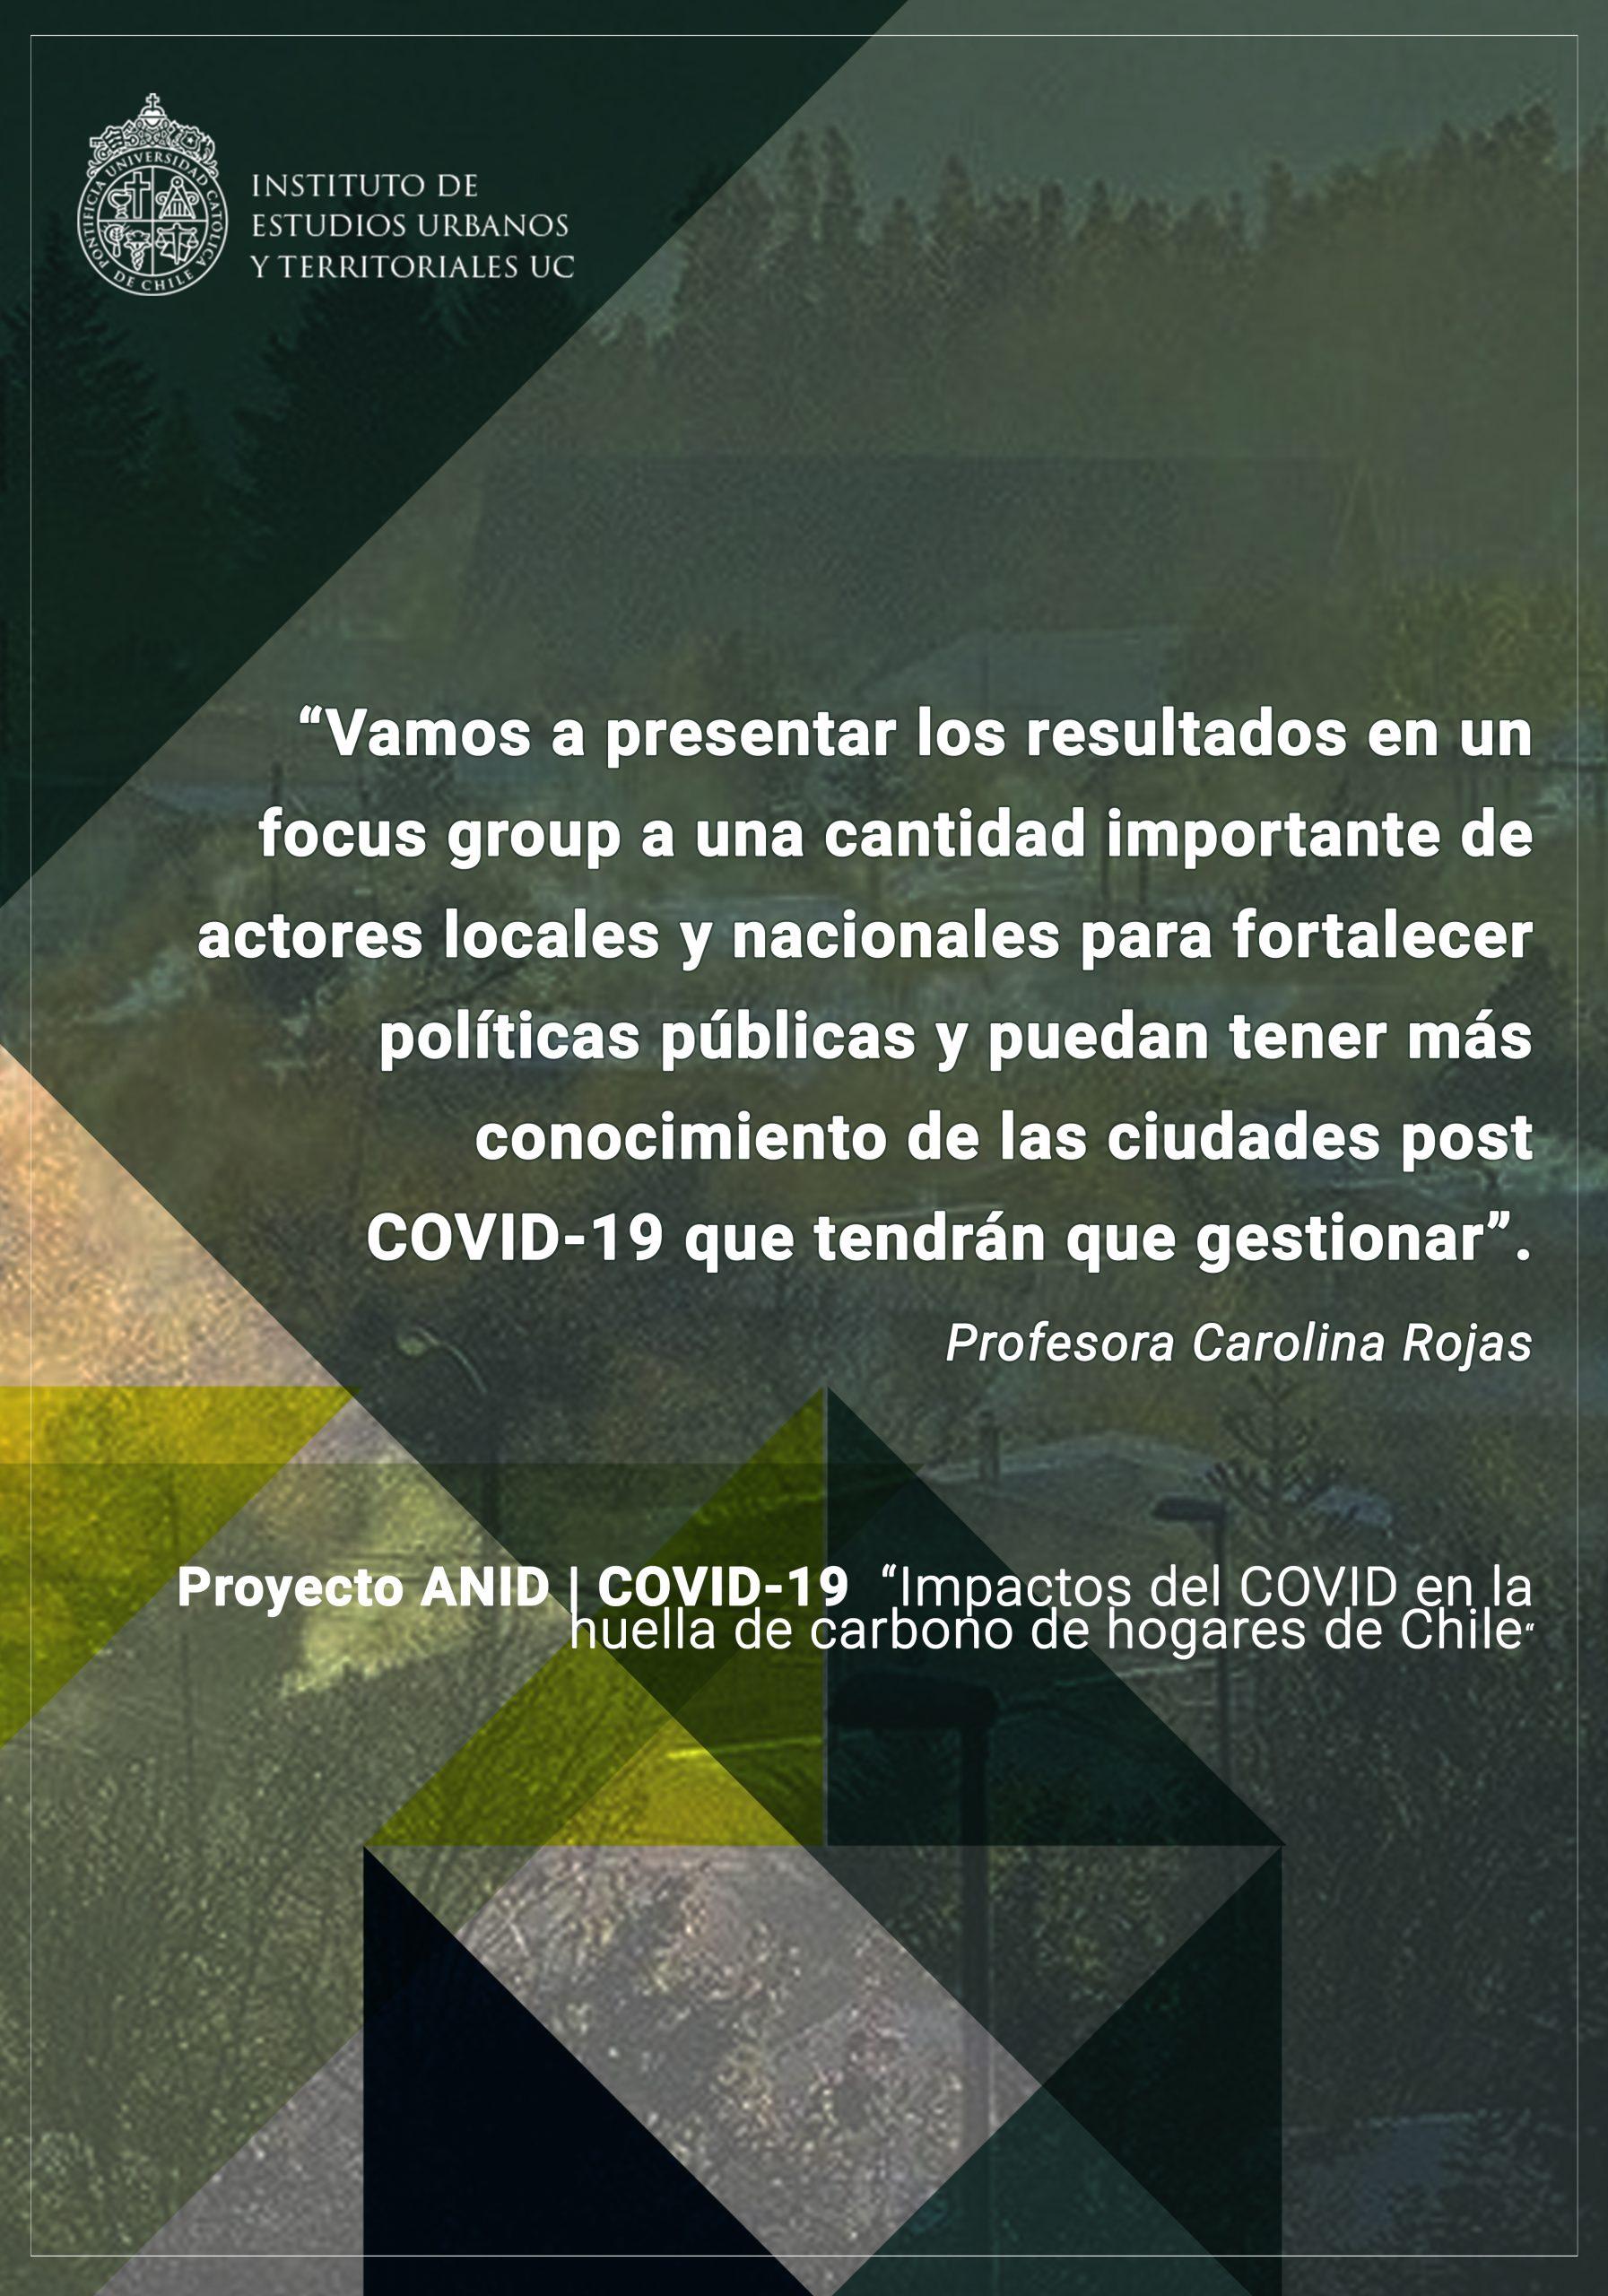 INVESTIGACIÓN | Proyecto ANID-Covid 19 en ciudades del sur de Chile, plantea la necesidad de mejoras en el transporte público y eficiencia térmica en viviendas.